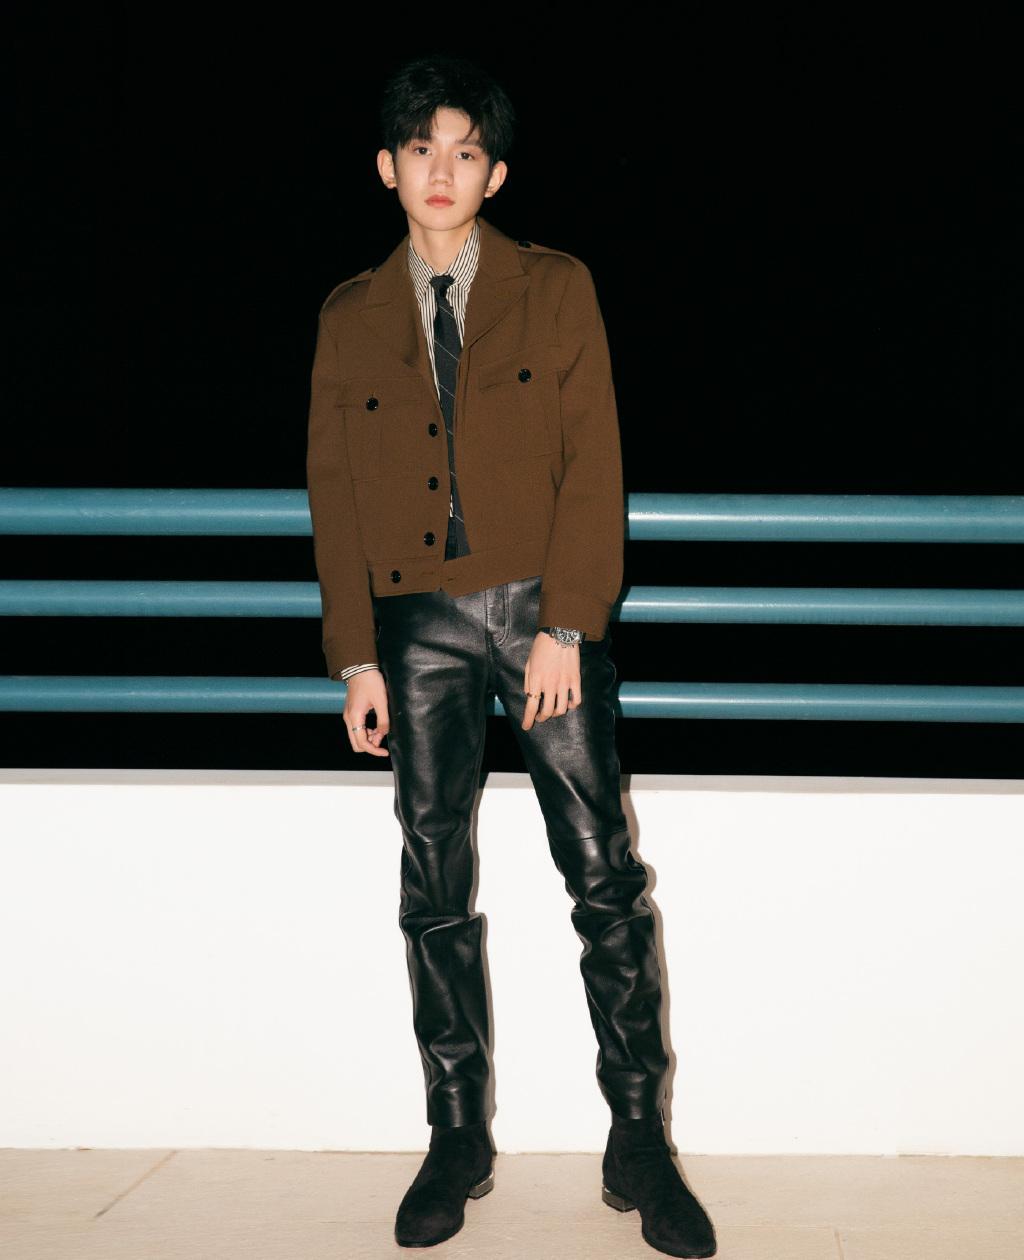 """王源格子衬衫牛仔裤,双腿细如""""竹竿"""",粉丝心疼直喊:多吃点"""